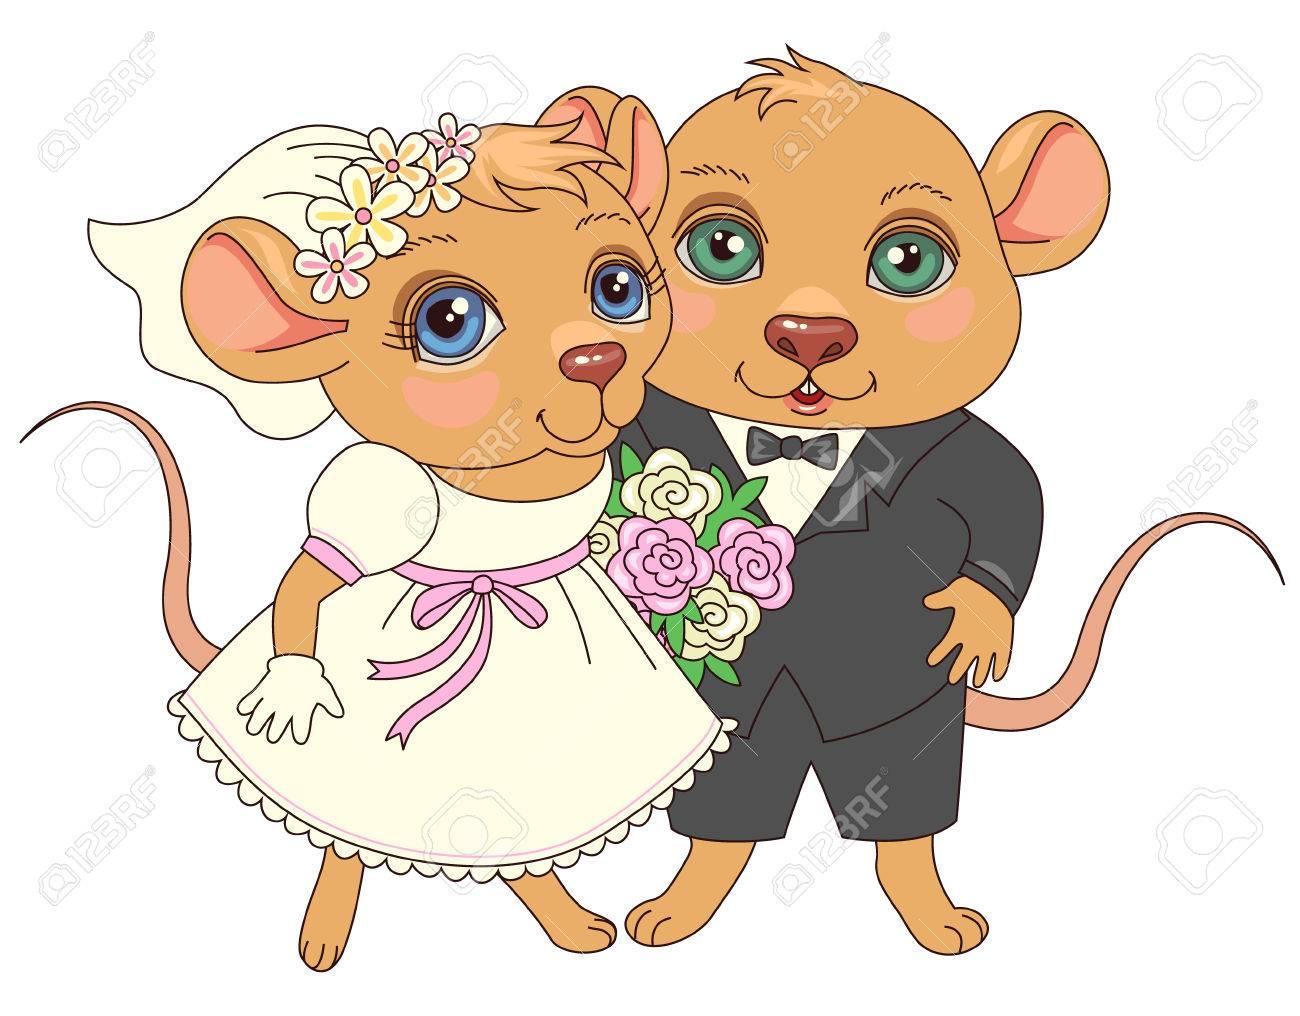 Personnages De Dessin Anime Mignons Couple De Souris Heureux De